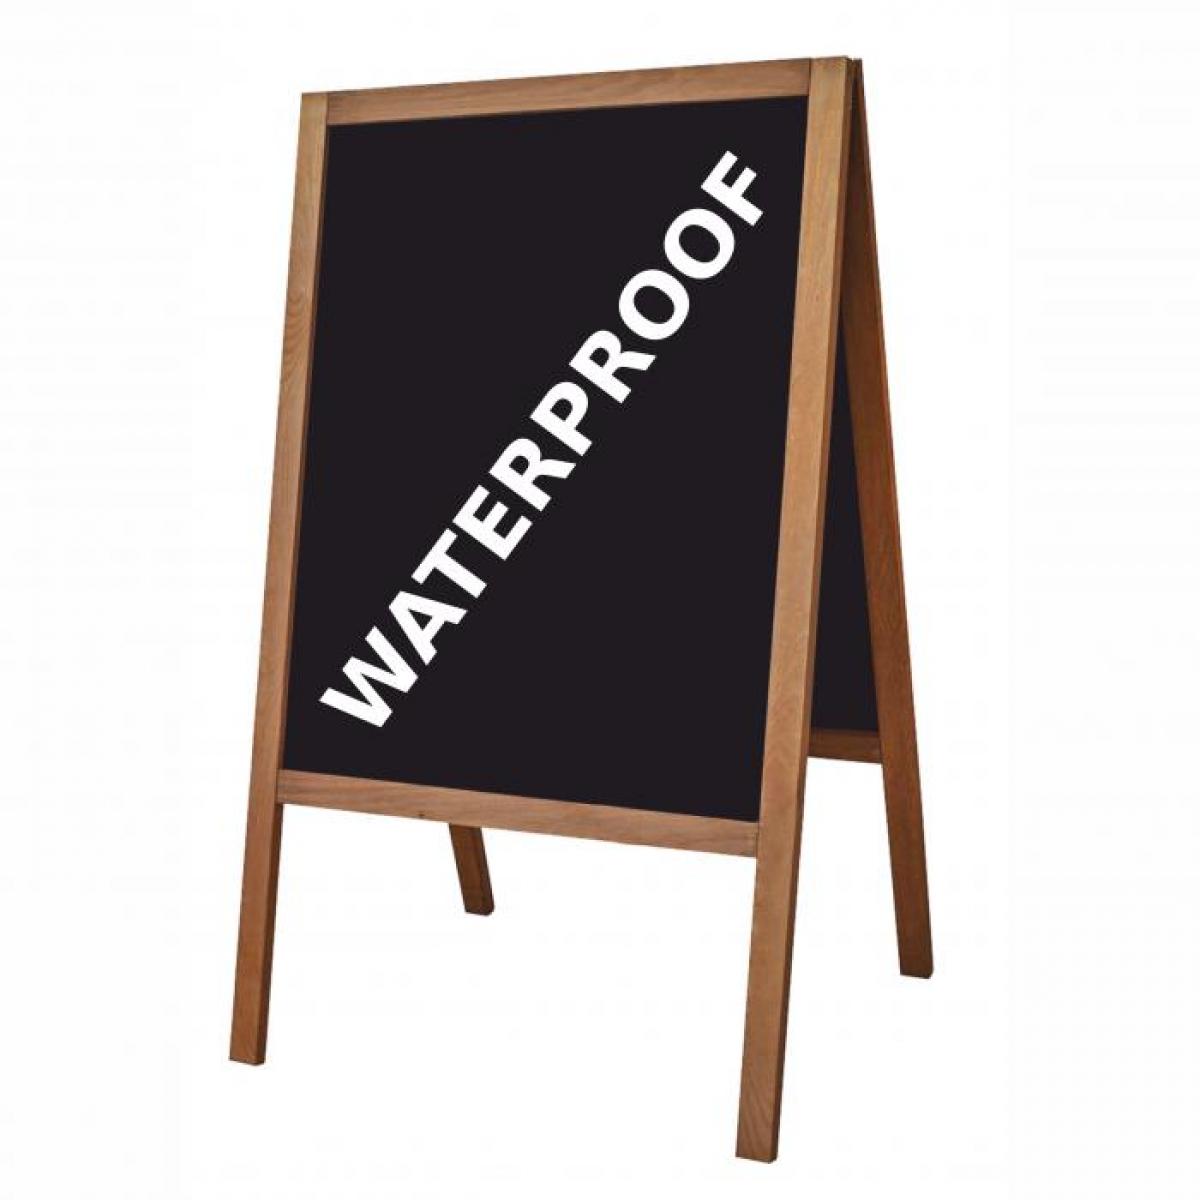 People Stopper WOOD, capră stradala din lemn cu tablă de scris cu creta sau marker, pentru EXTERIOR, JJ DISPLAYS